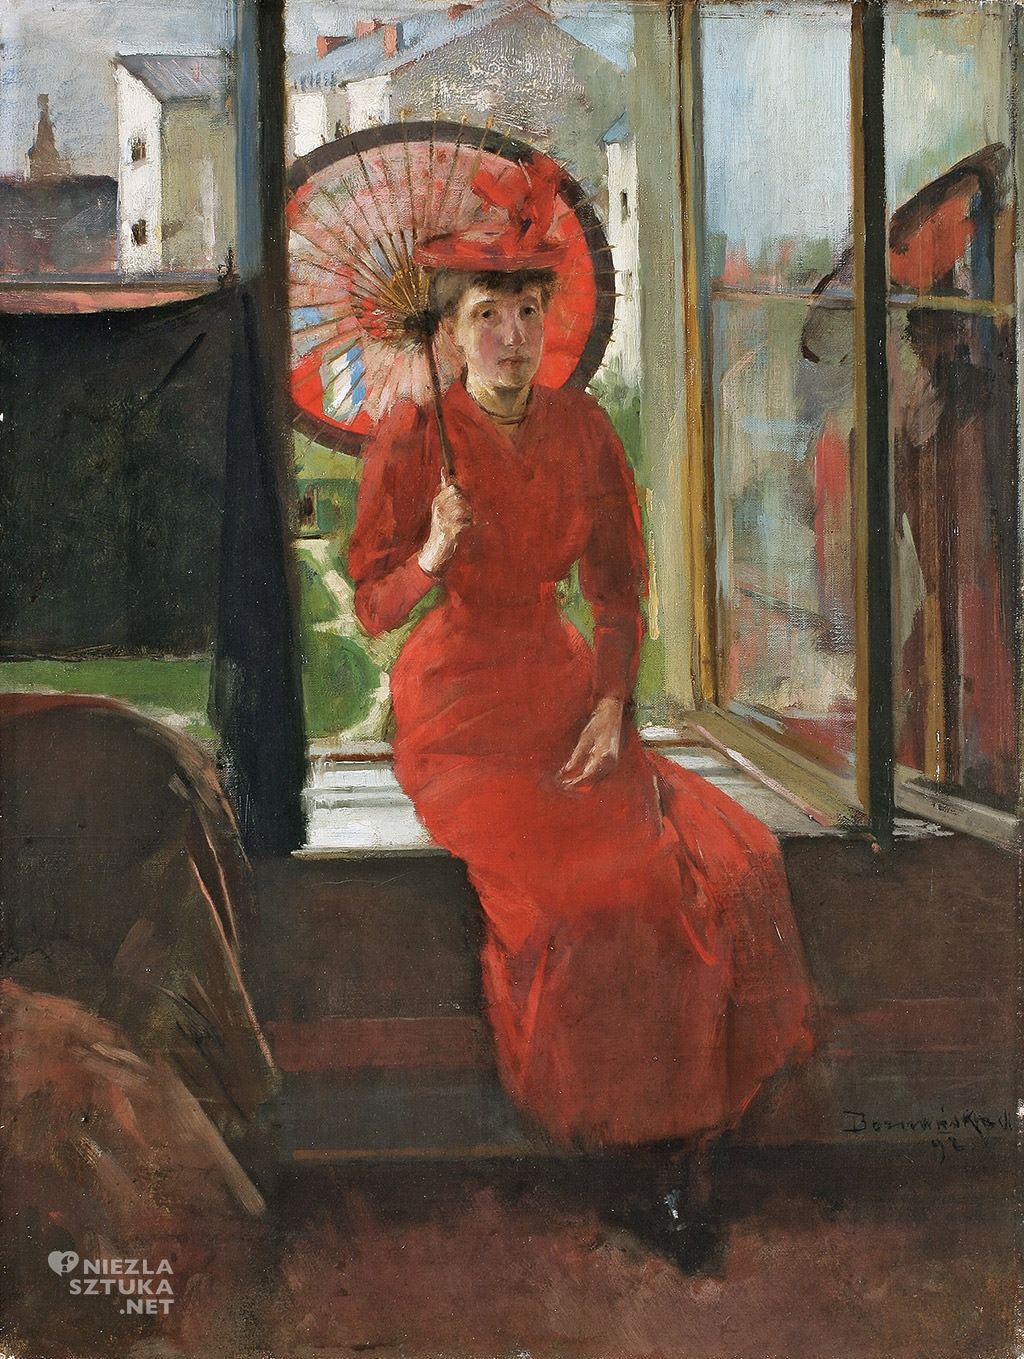 Olga Boznańska, Autoportret z japońską parasolką, malarstwo polskie, sztuka polska, Niezła Sztuka